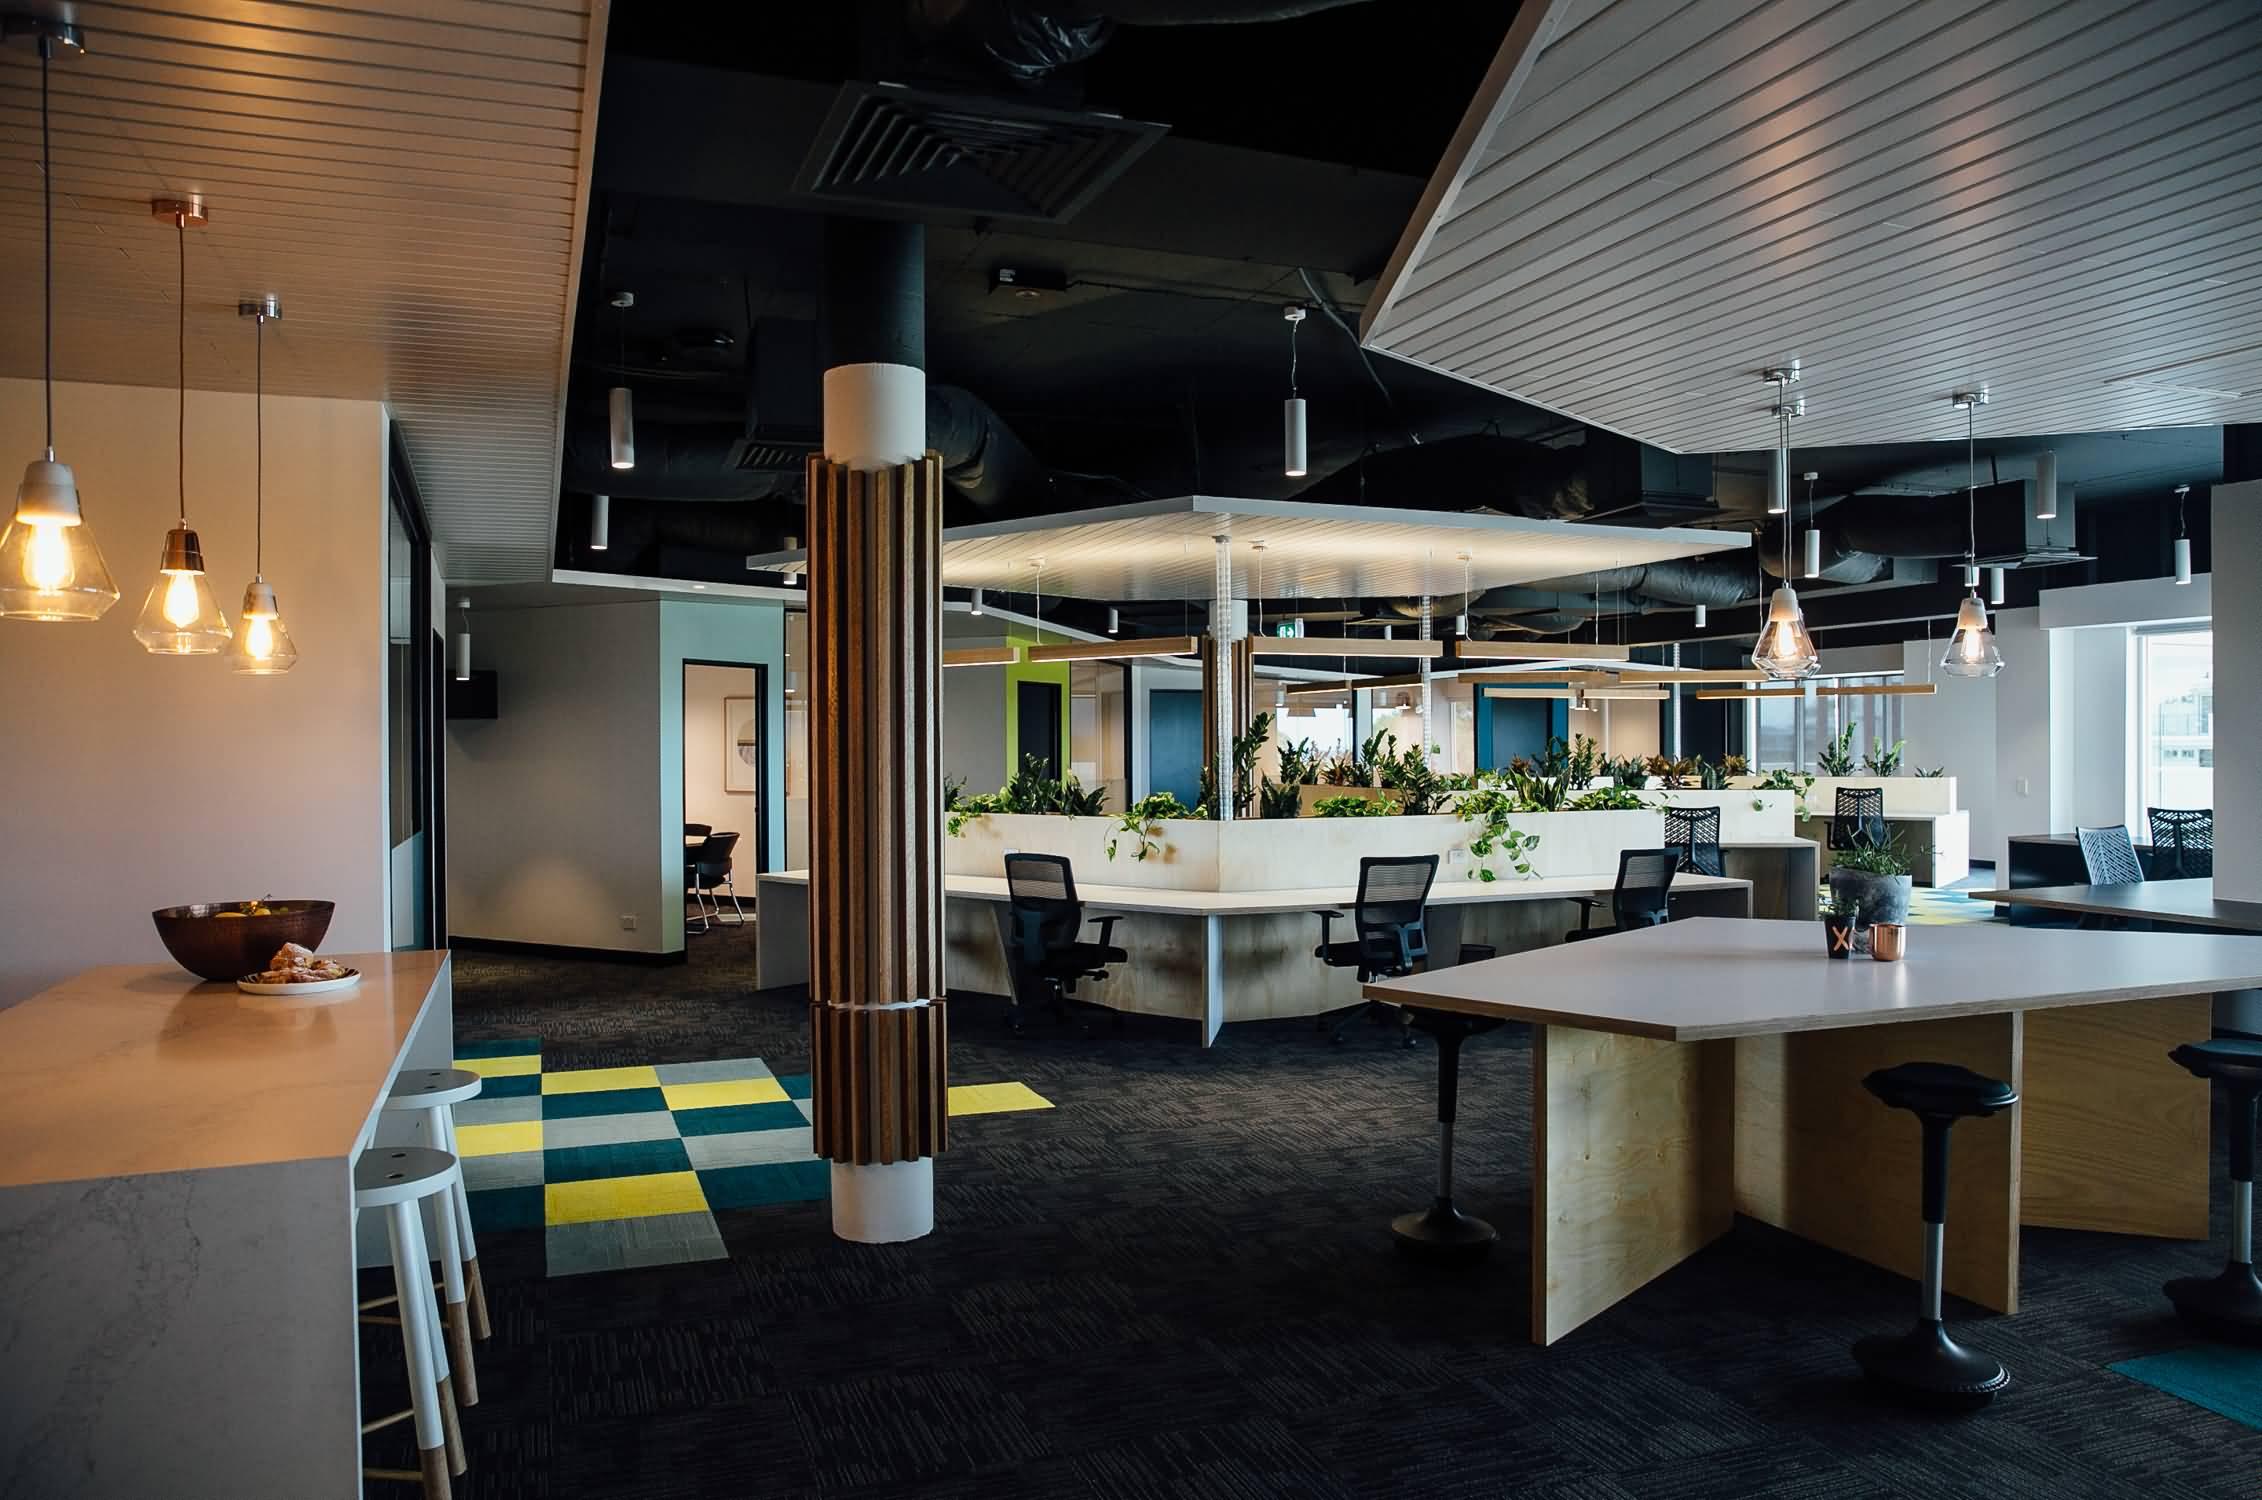 Guymer-bailey-architects-inbox-workspace-interiors-02.JPG